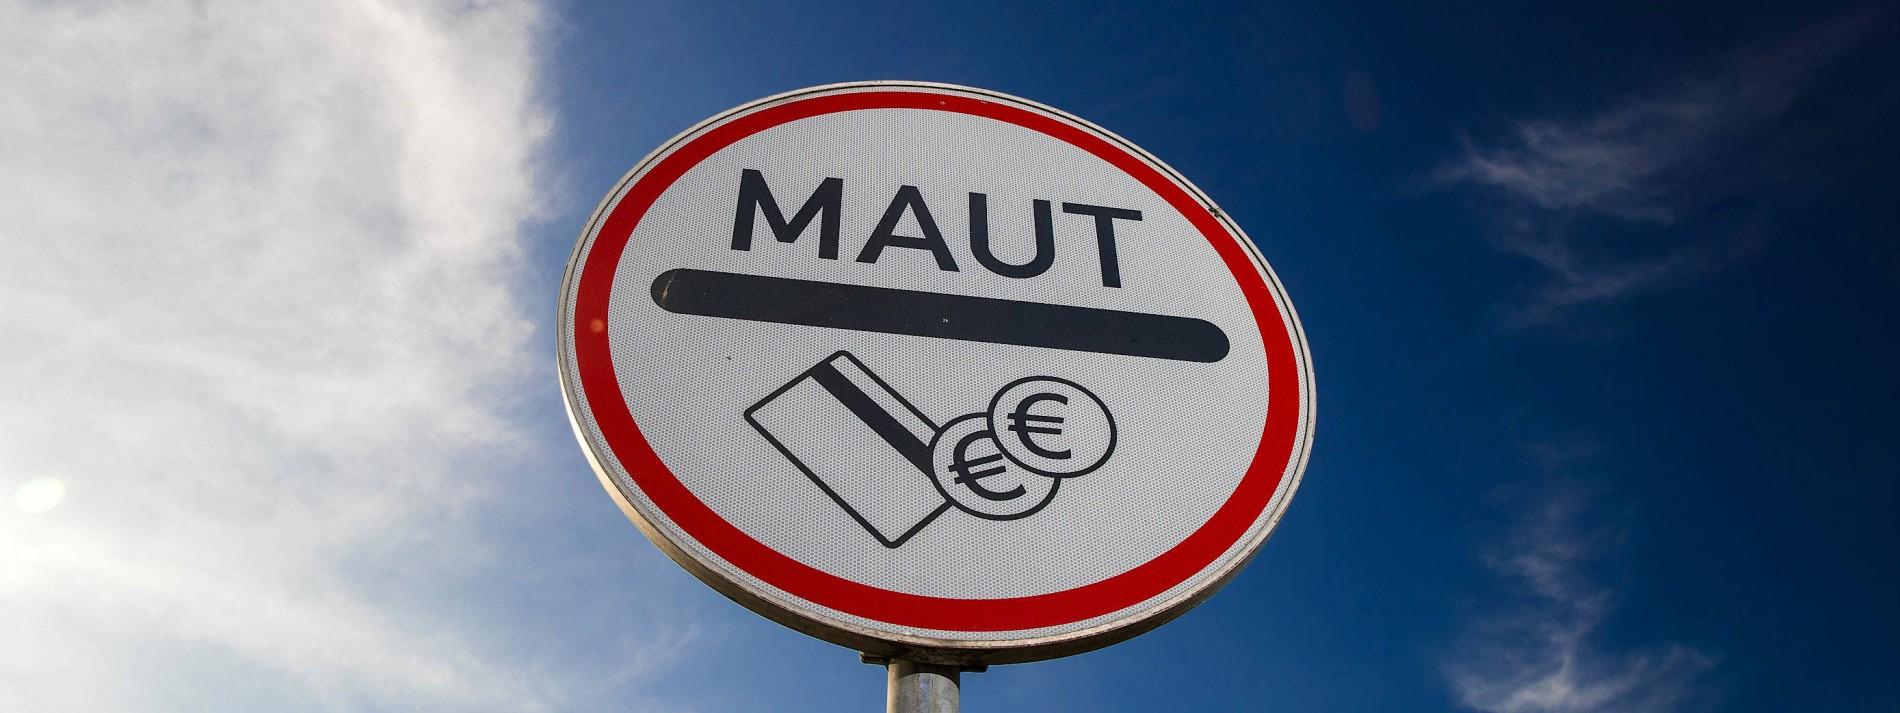 Regierungsberater empfehlen Pkw-Maut und teureres Anwohner-Parken